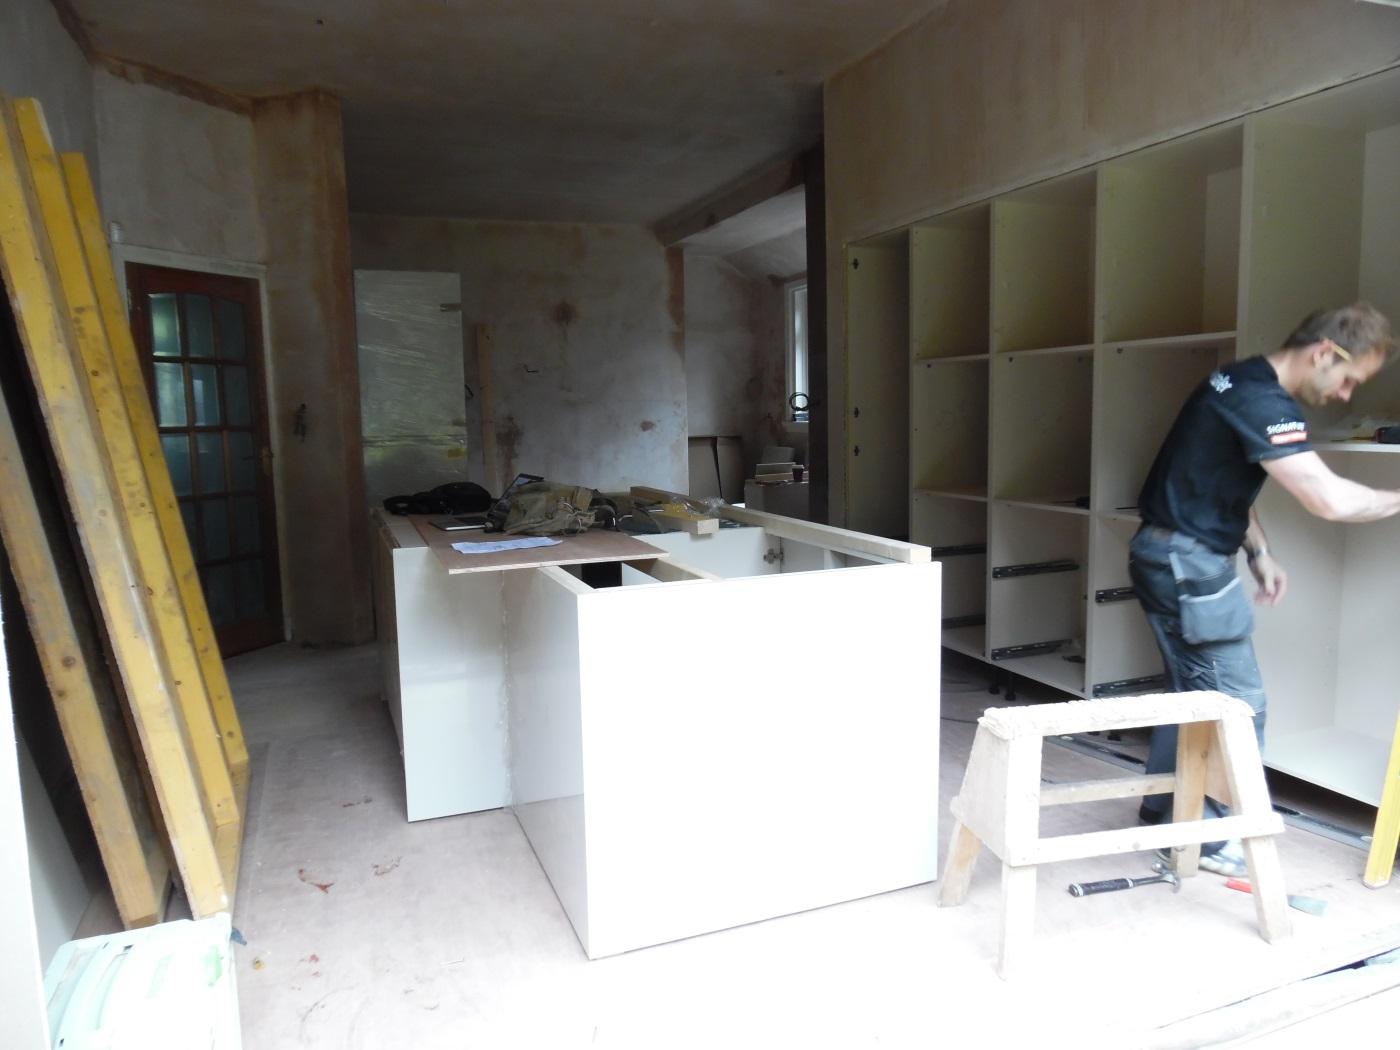 Kitchen fitter at work